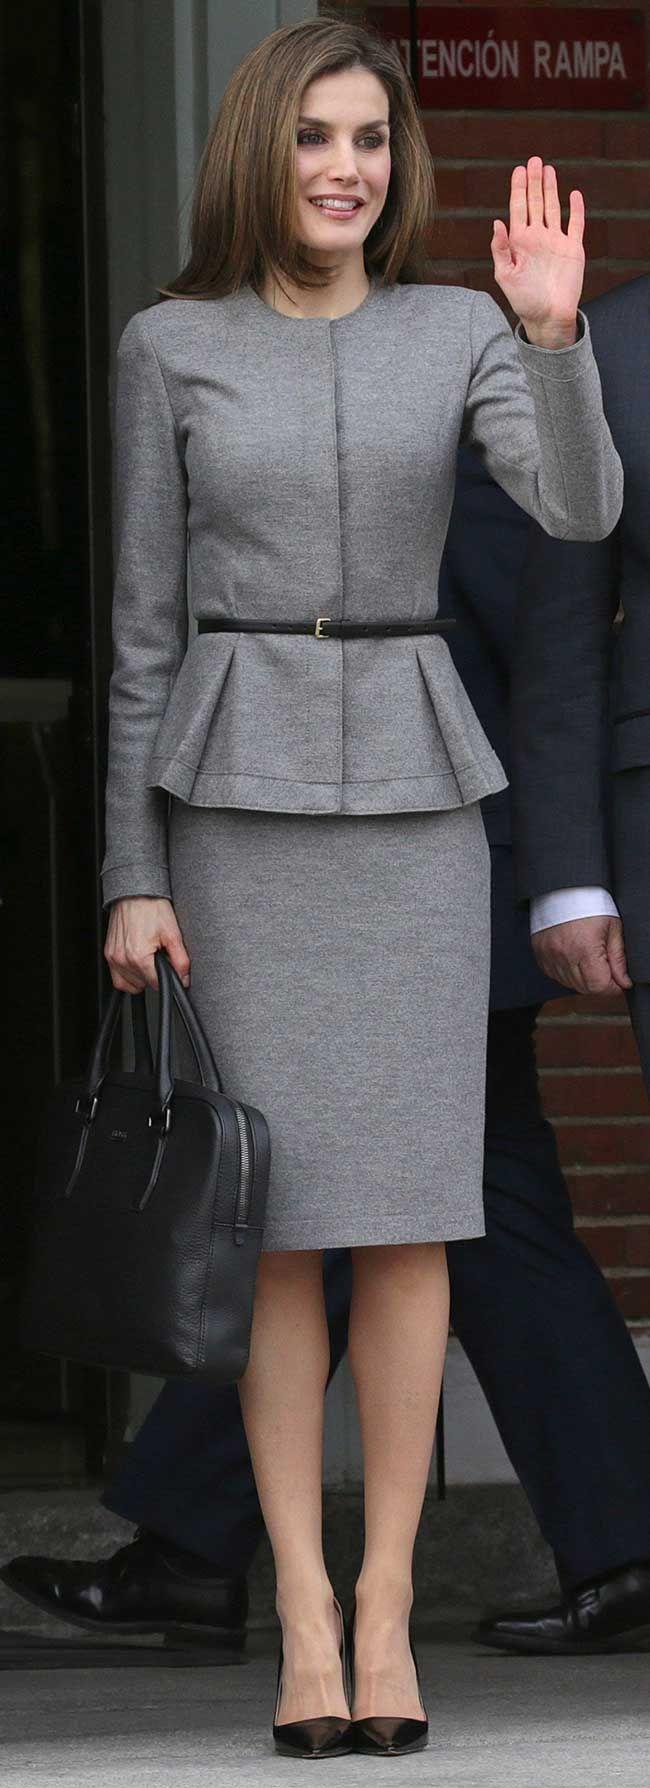 La Reina Letizia se ha reunido con la Agencia Española de Cooperación Internacional, donde ha lucido su conocido traje péplum de Carolina Herrera.